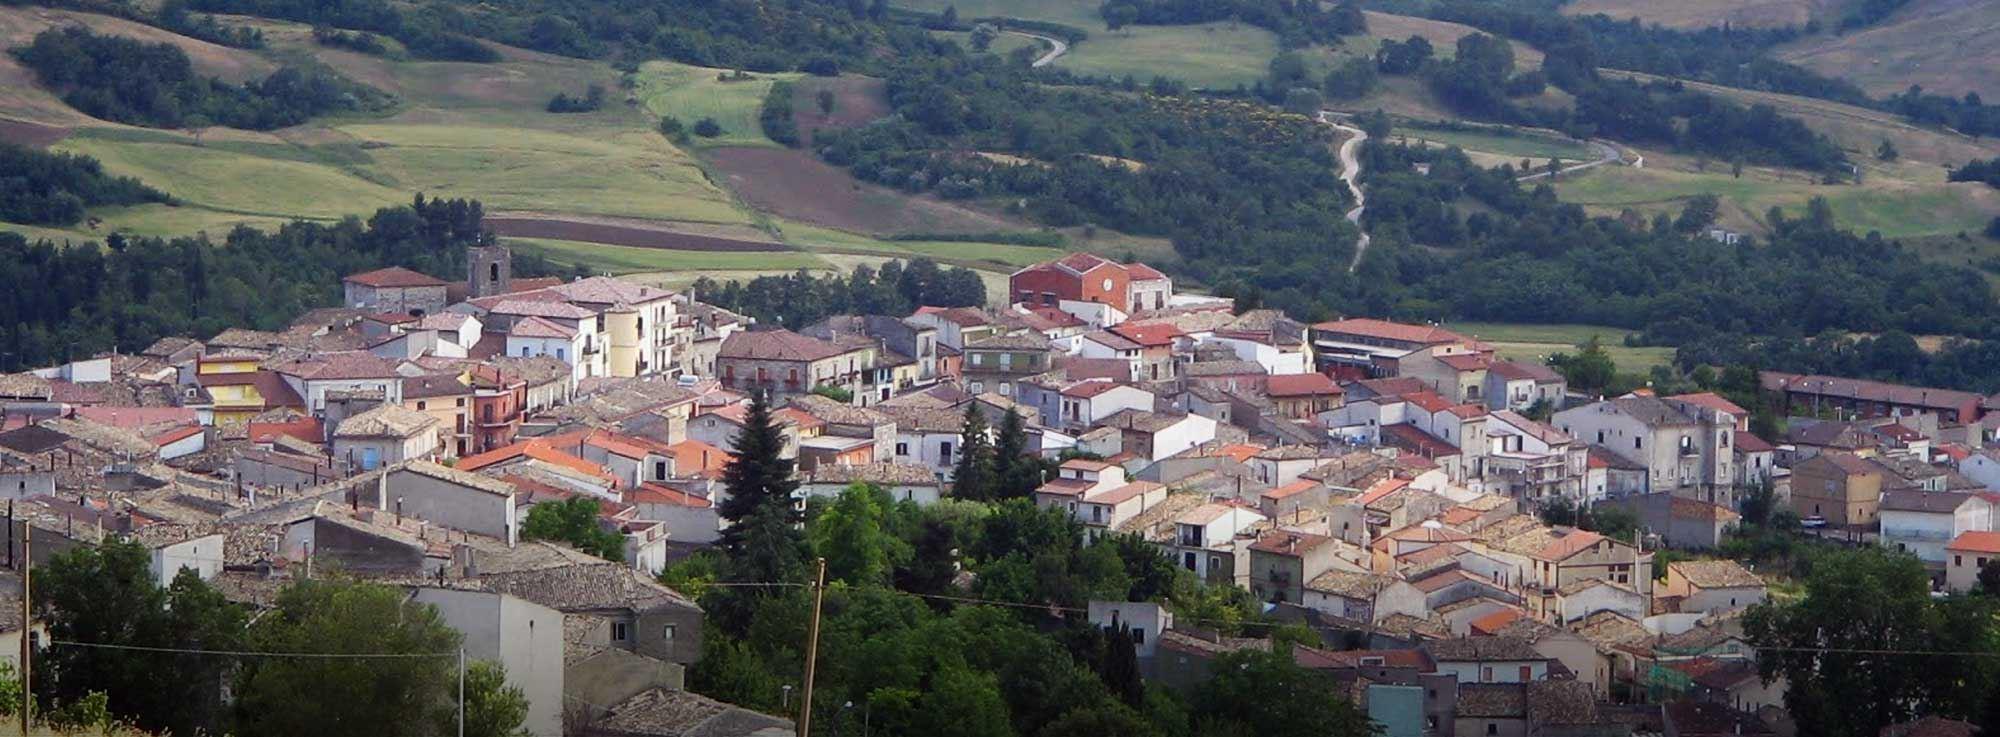 Roseto Valfortore: Foche Sant'Antone